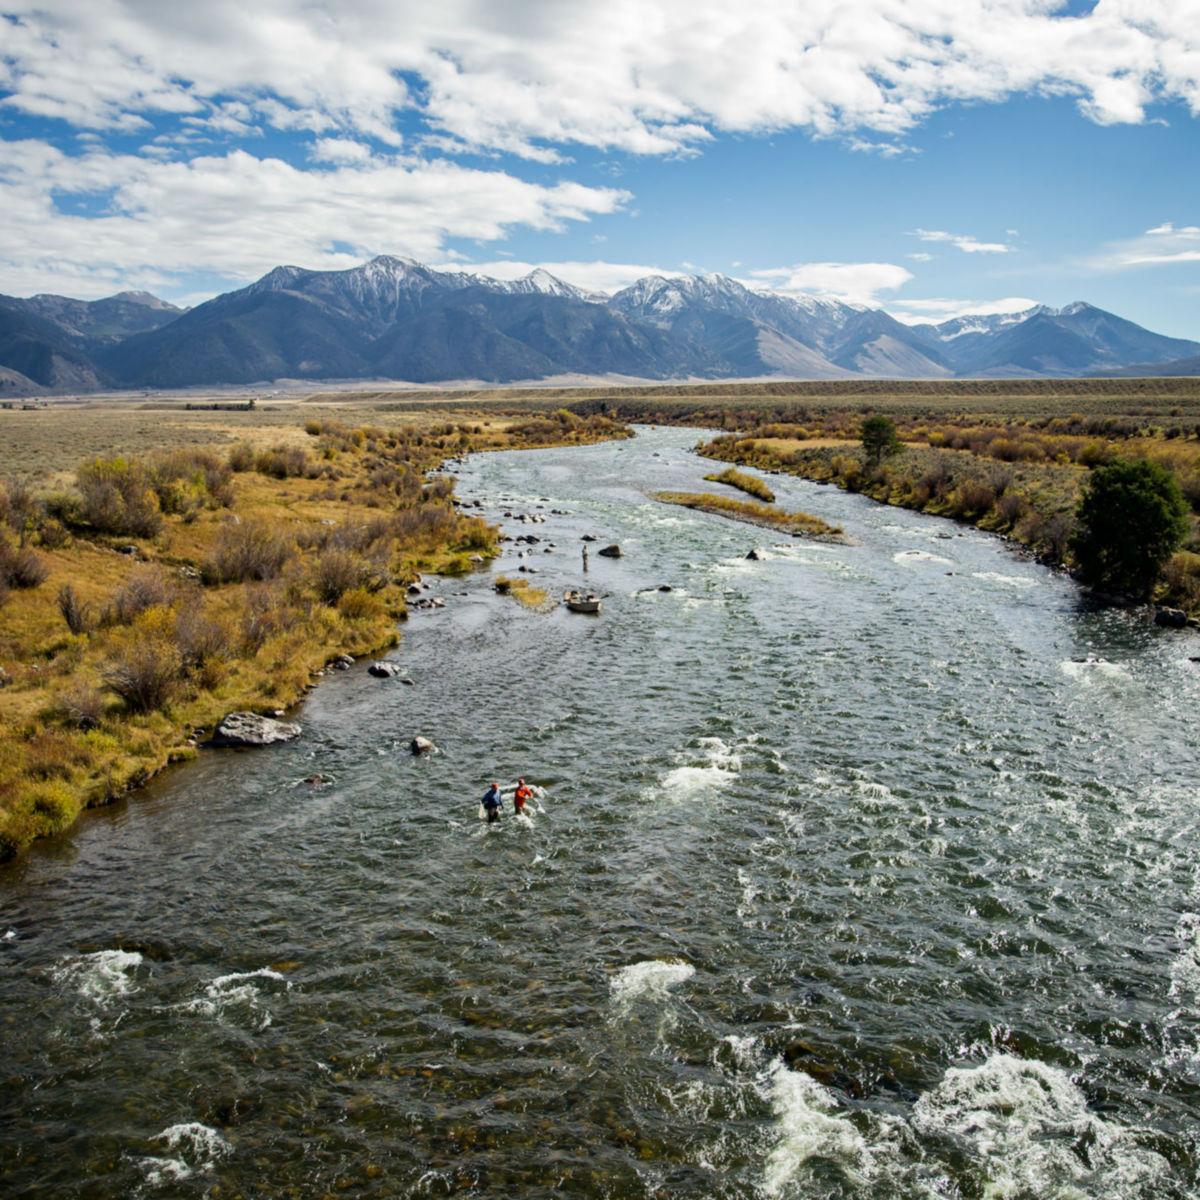 Montana Angler Fly Fishing - image number 0